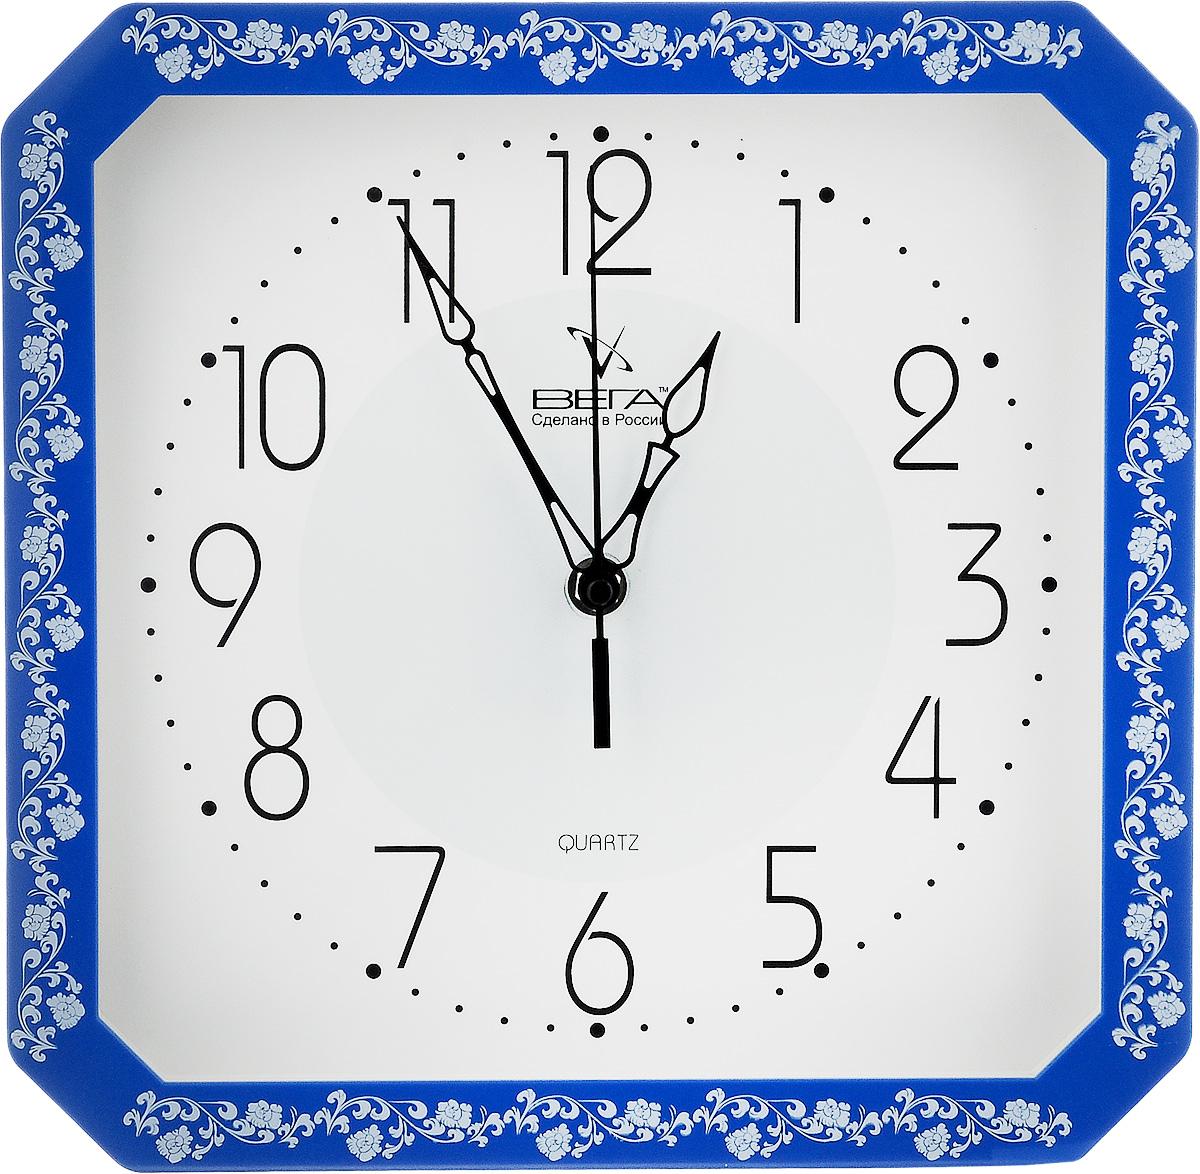 Часы настенные Вега Классика с узором, цвет: синий, белый, 28 х 28 х 4 смП4-10724/7-30Настенные кварцевые часы Вега Классика с узором, изготовленные из пластика, прекрасно впишутся в интерьер вашего дома. Часы имеют три стрелки: часовую, минутную и секундную, циферблат защищен прозрачным стеклом. Часы работают от 1 батарейки типа АА напряжением 1,5 В (не входит в комплект).